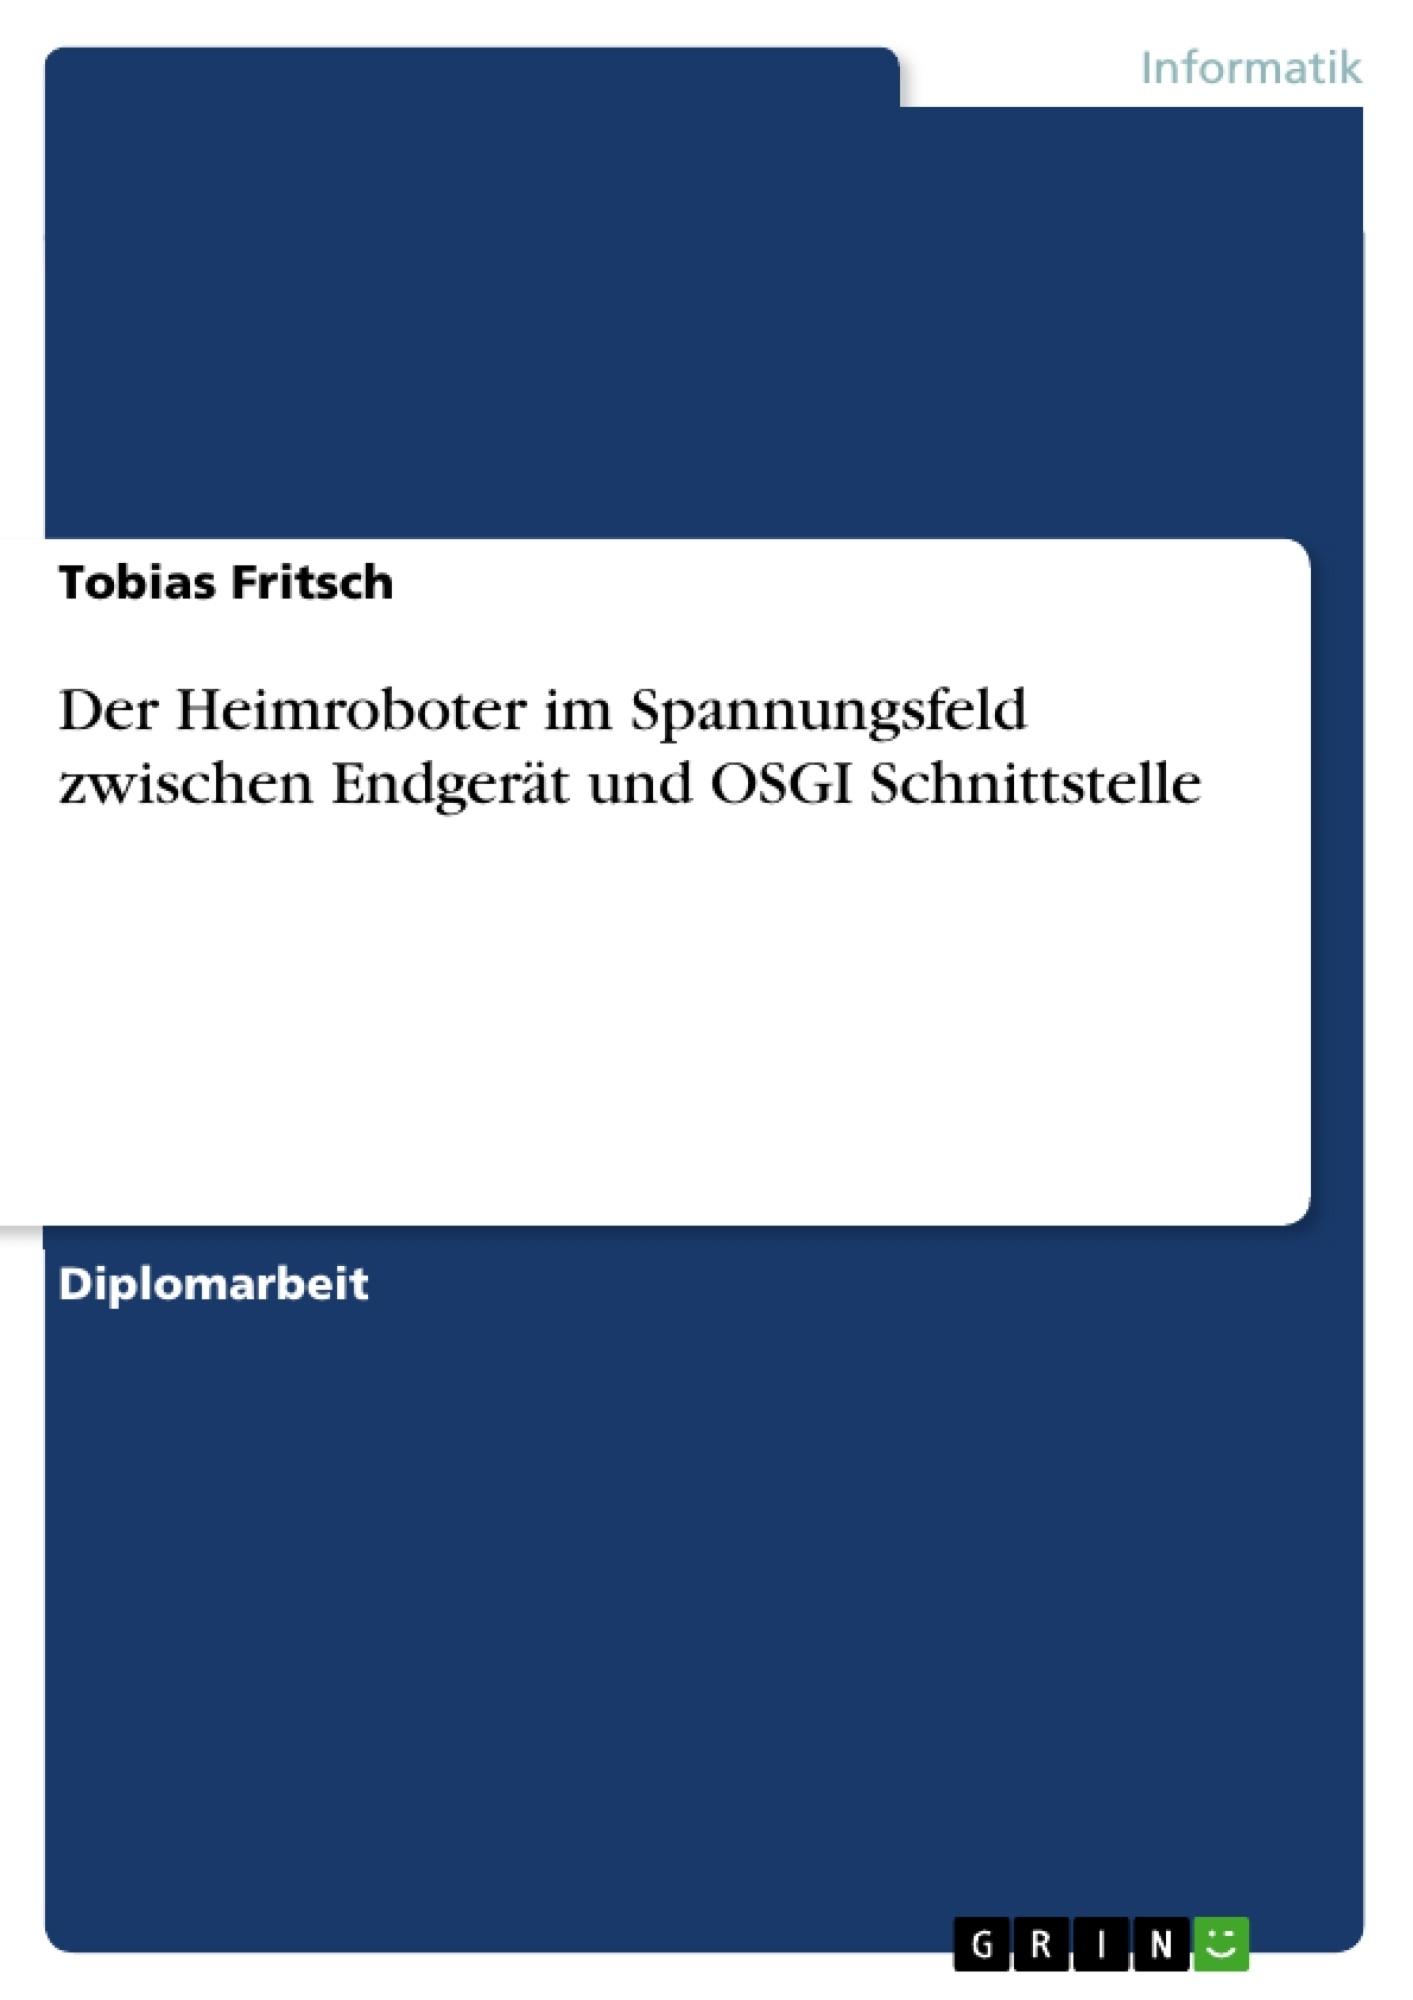 Titel: Der Heimroboter im Spannungsfeld zwischen Endgerät und OSGI Schnittstelle